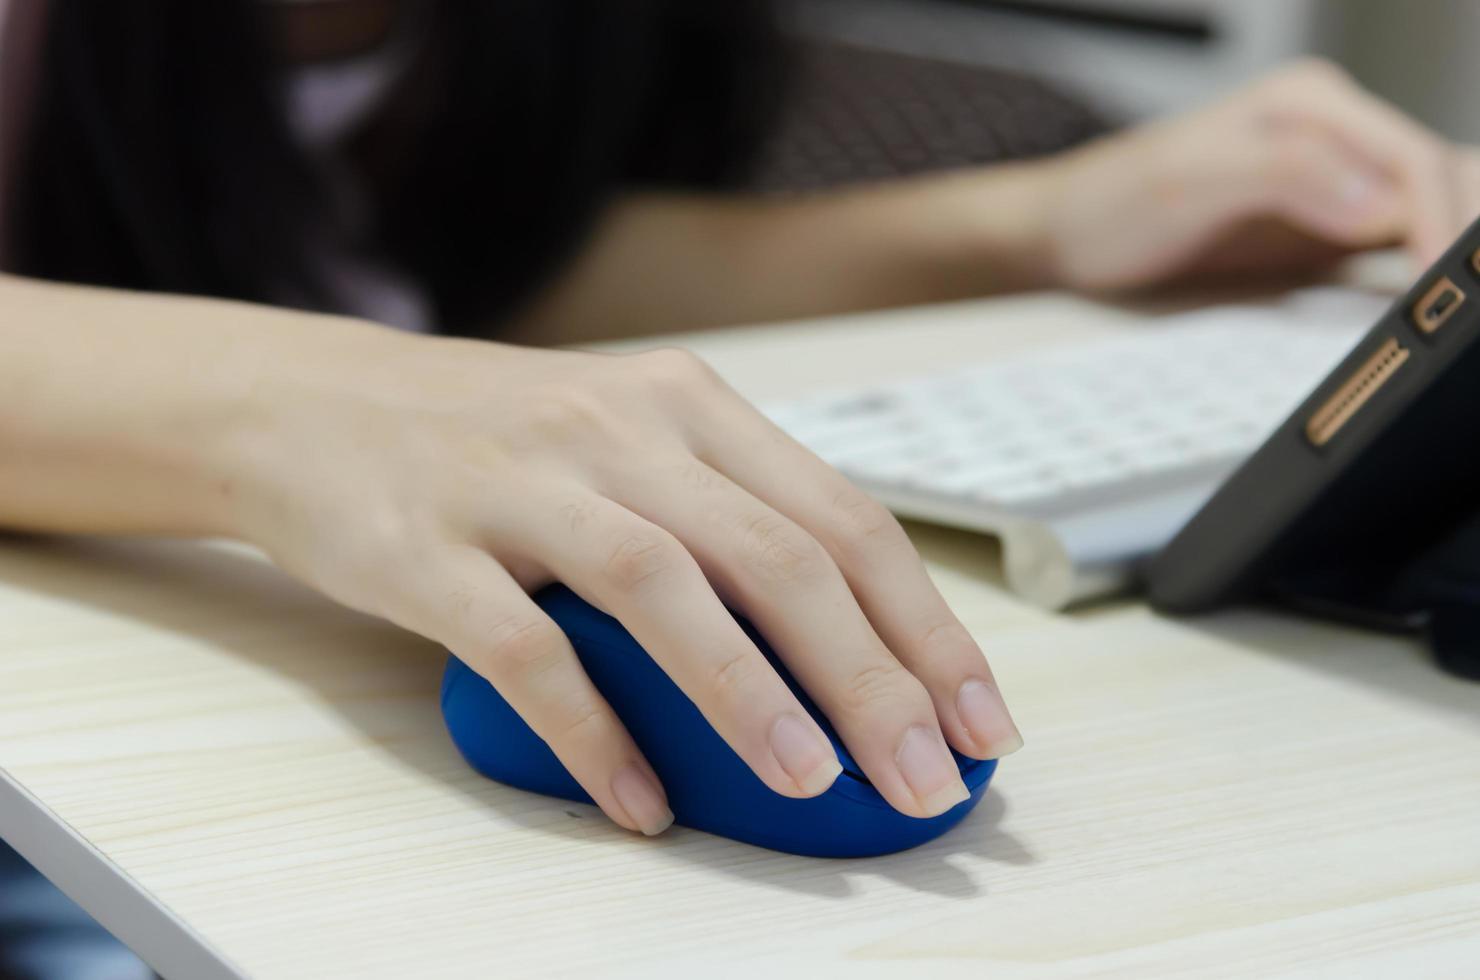 main de fille tenant une souris bleue photo